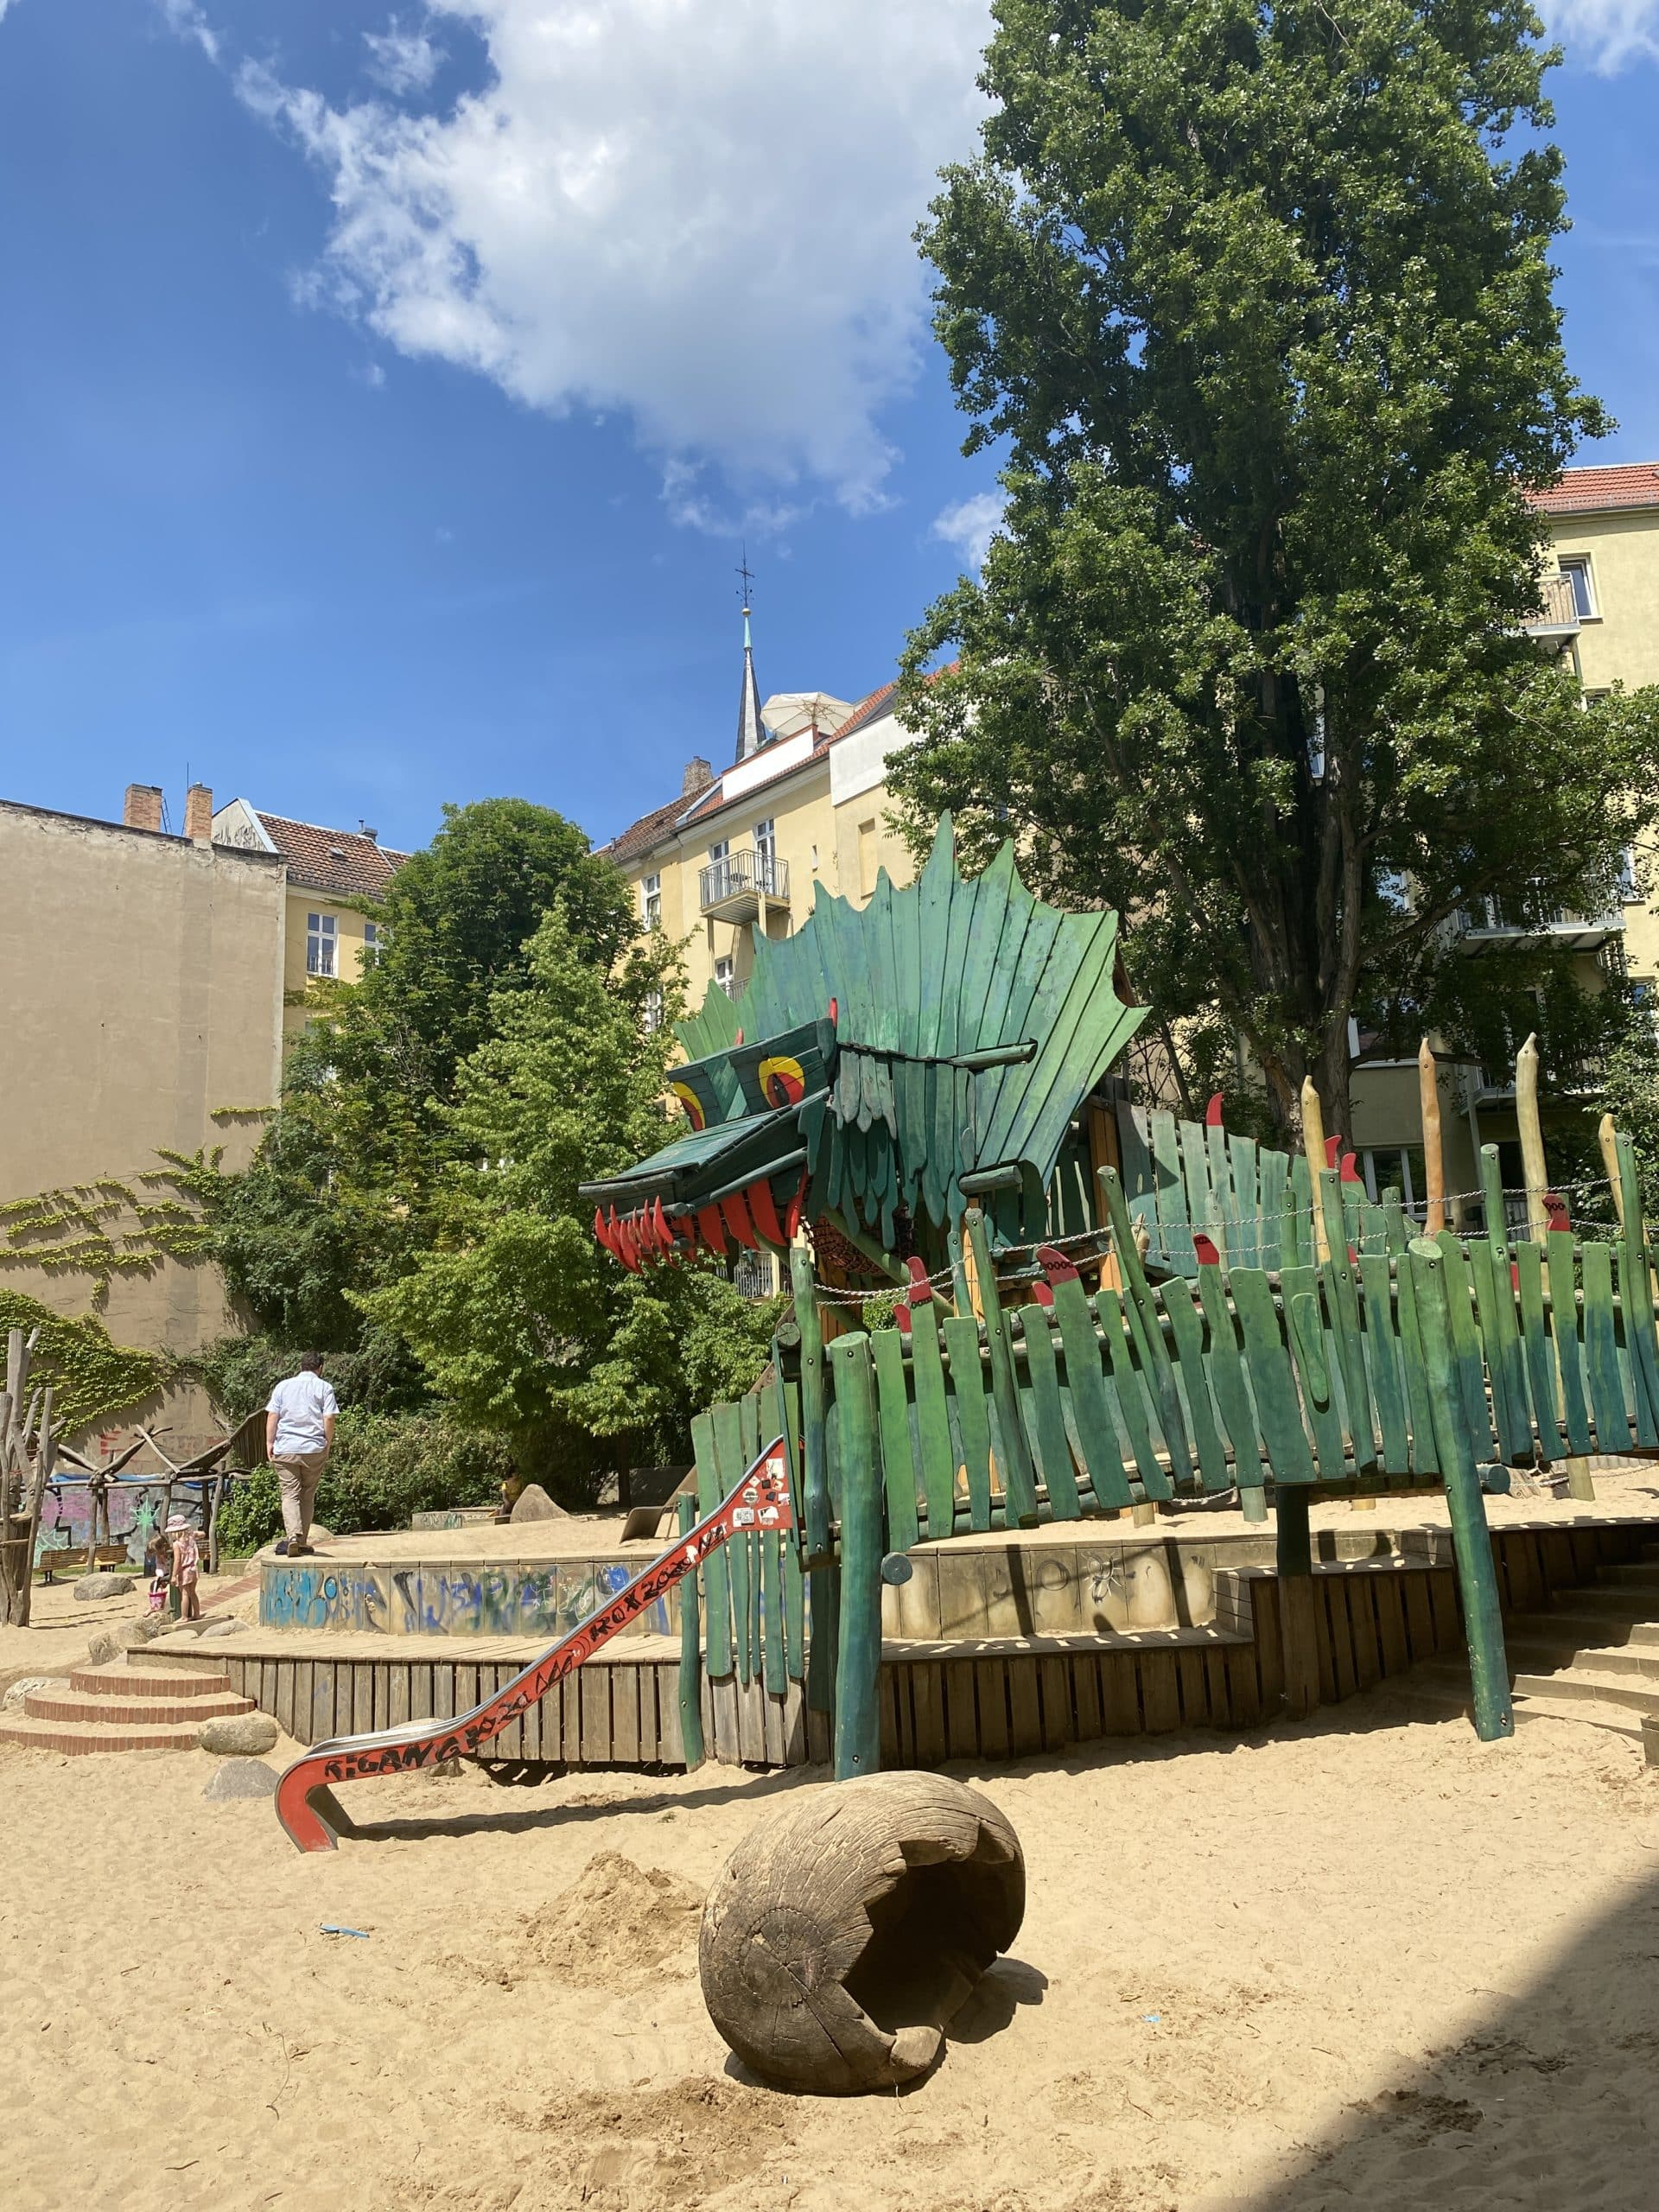 Der Drachenspielplatz steht noch und kann bespielt werden! JUHU